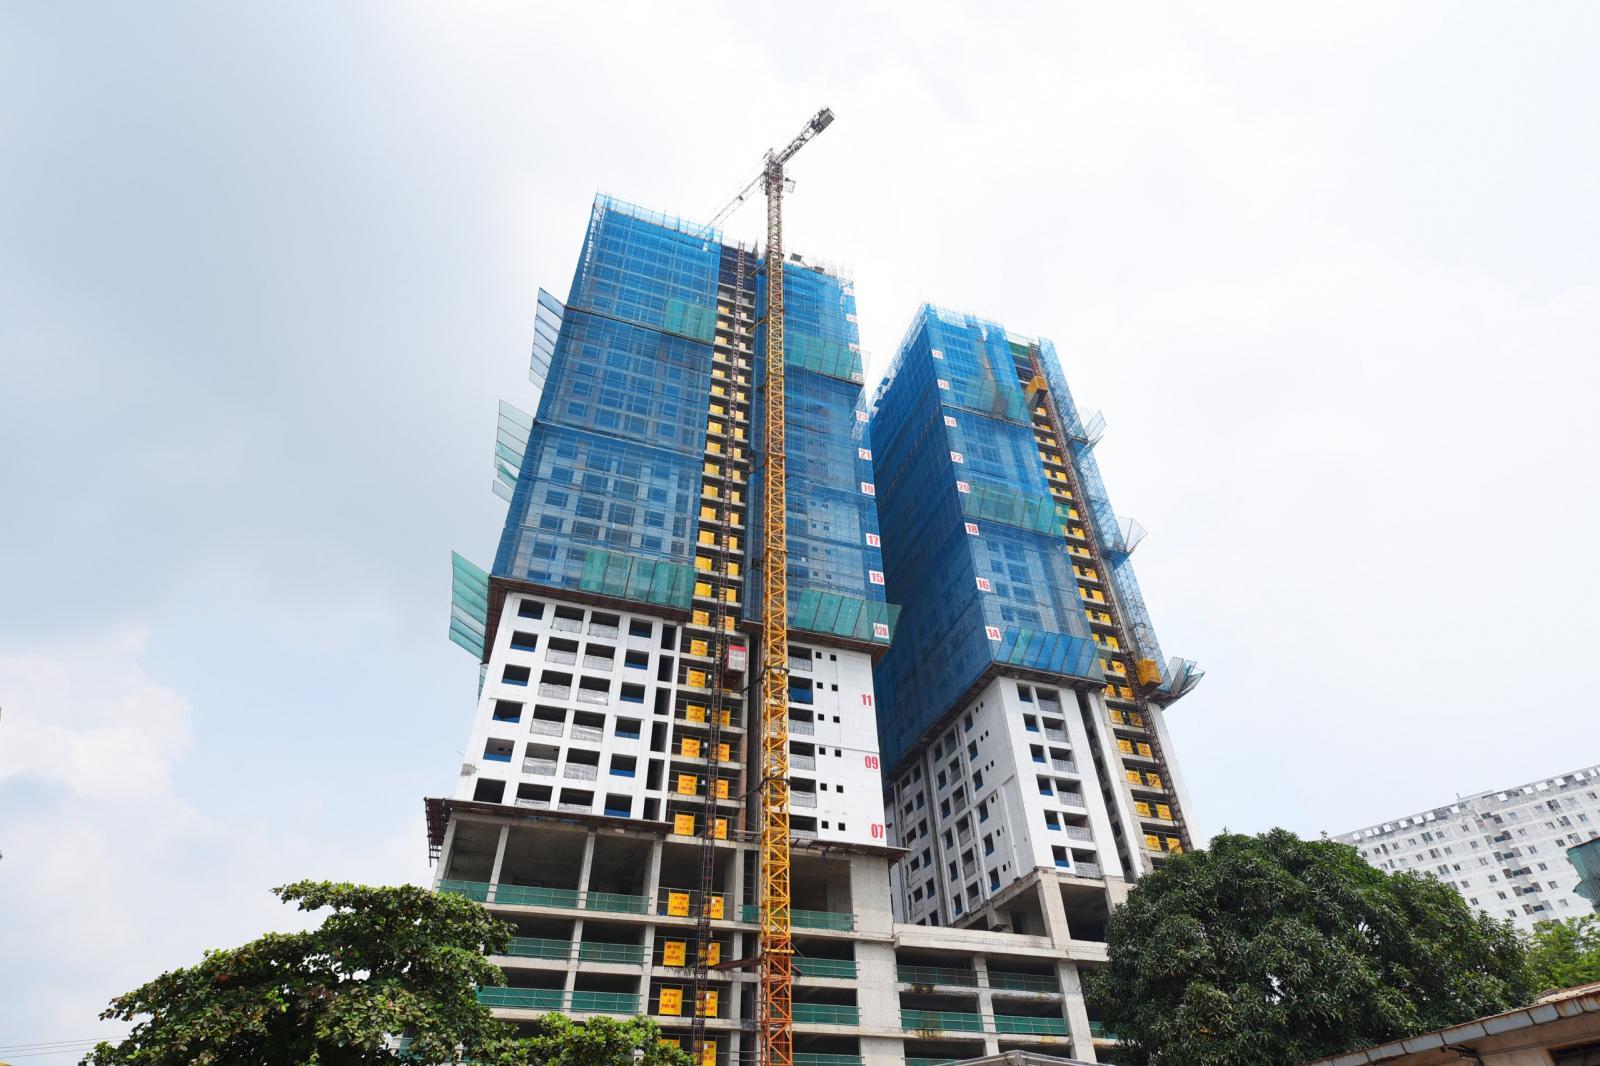 Hình ảnh một dự án chung cư đang chào bán trên địa bàn TP.HCM